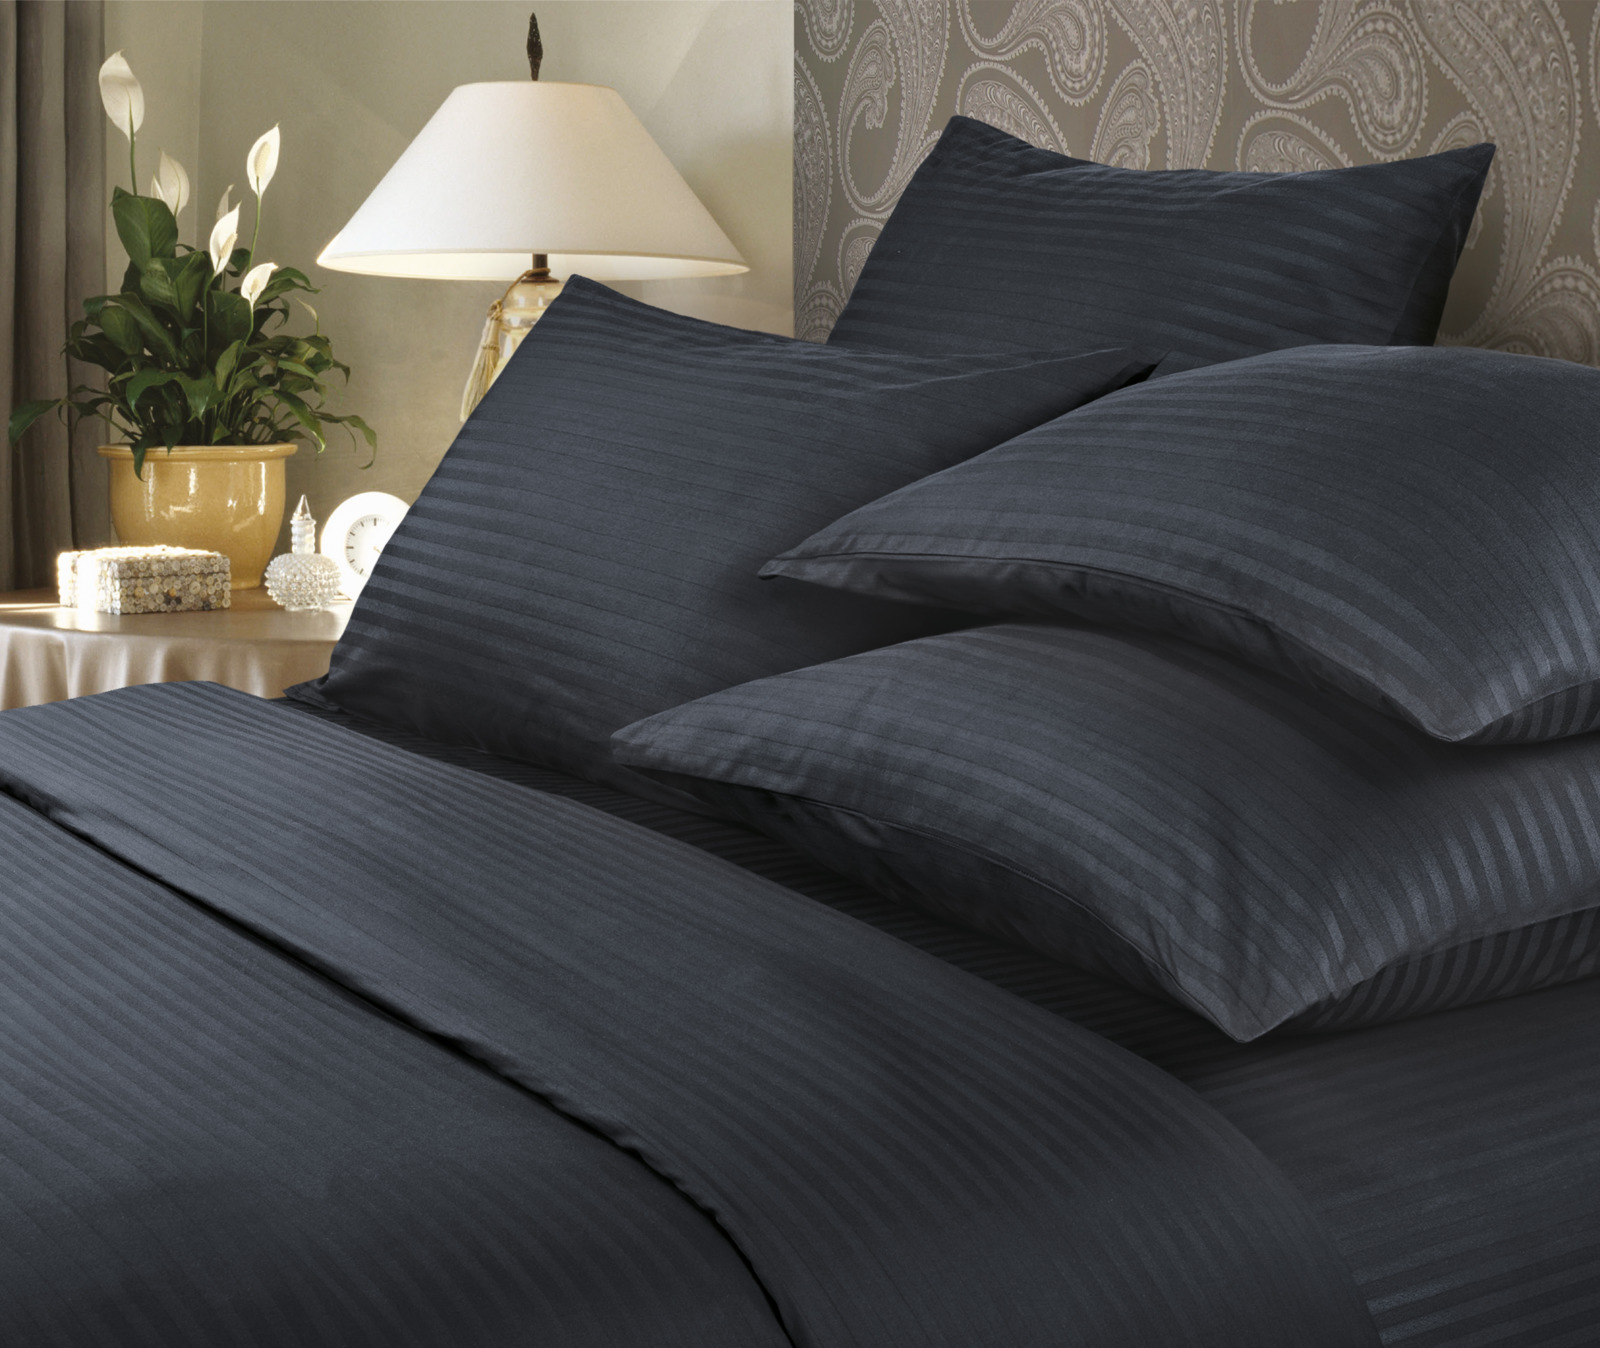 Комплект белья Verossa Black, семейный, наволочки 50x70 и 70x70